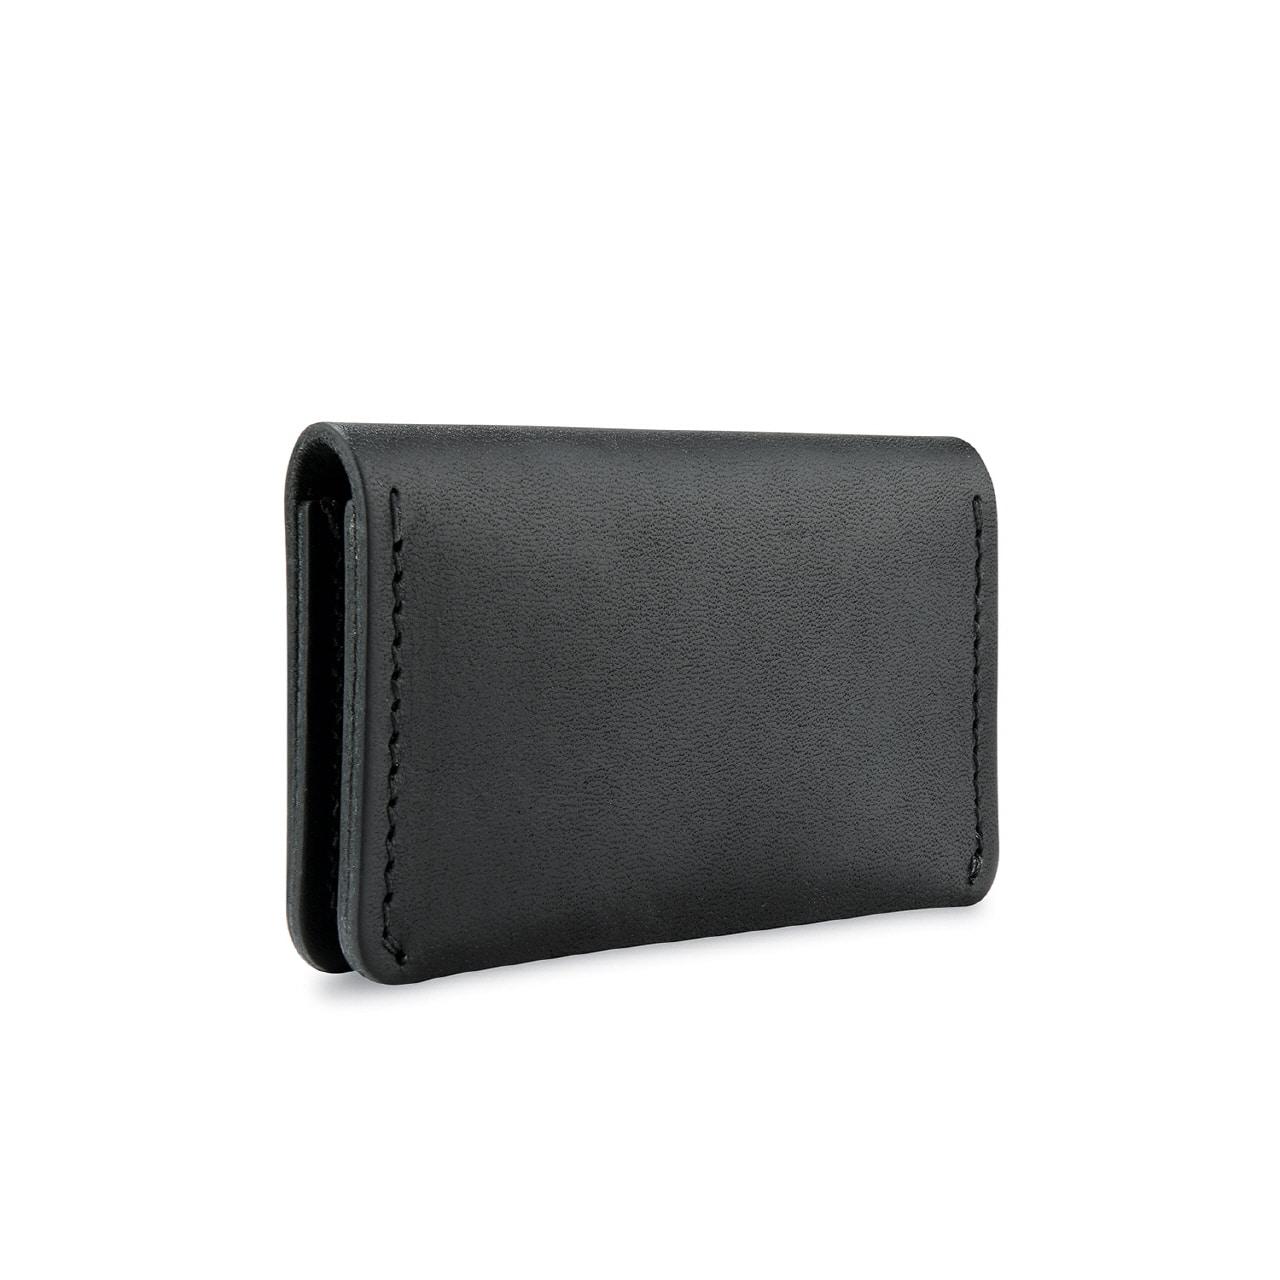 카드 홀더 지갑 95021 - 블랙 프론티어